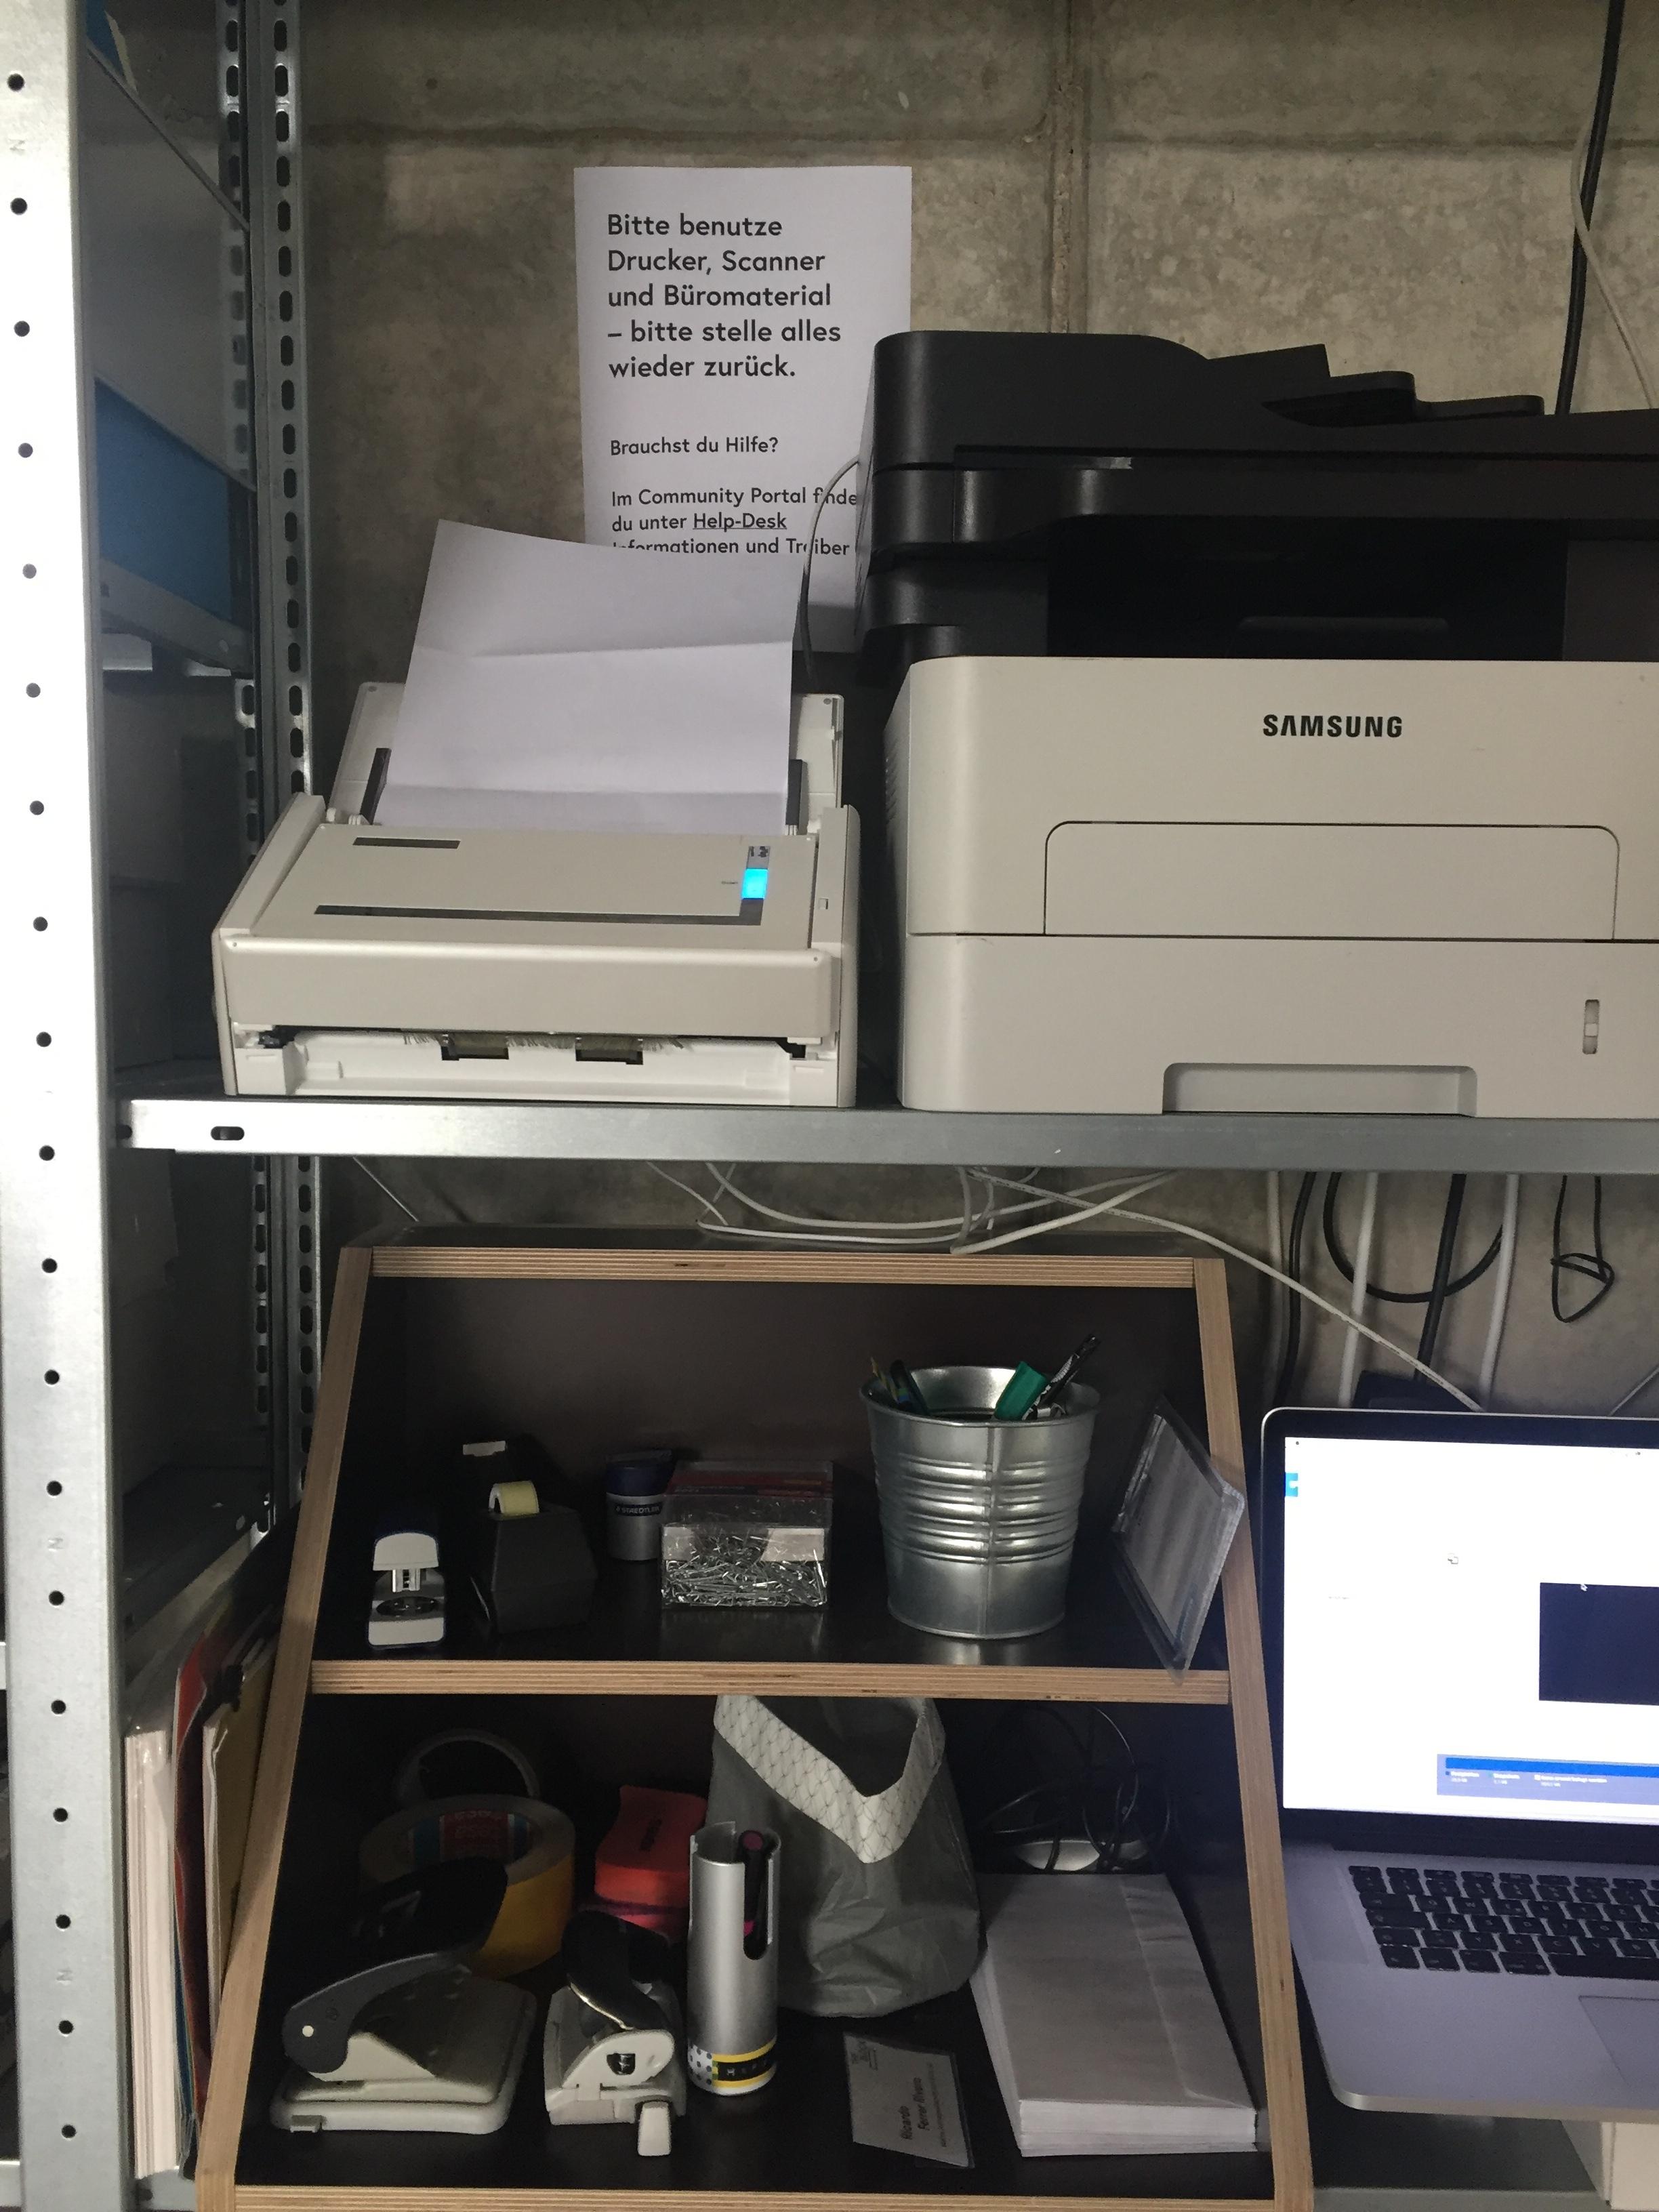 Es gibt auch einen Drucker — eine Anleitung wie du ihn installieren kannst findest du im  Mitglieder-Portal  (HelpDesk/ Drucker Nordstadt).